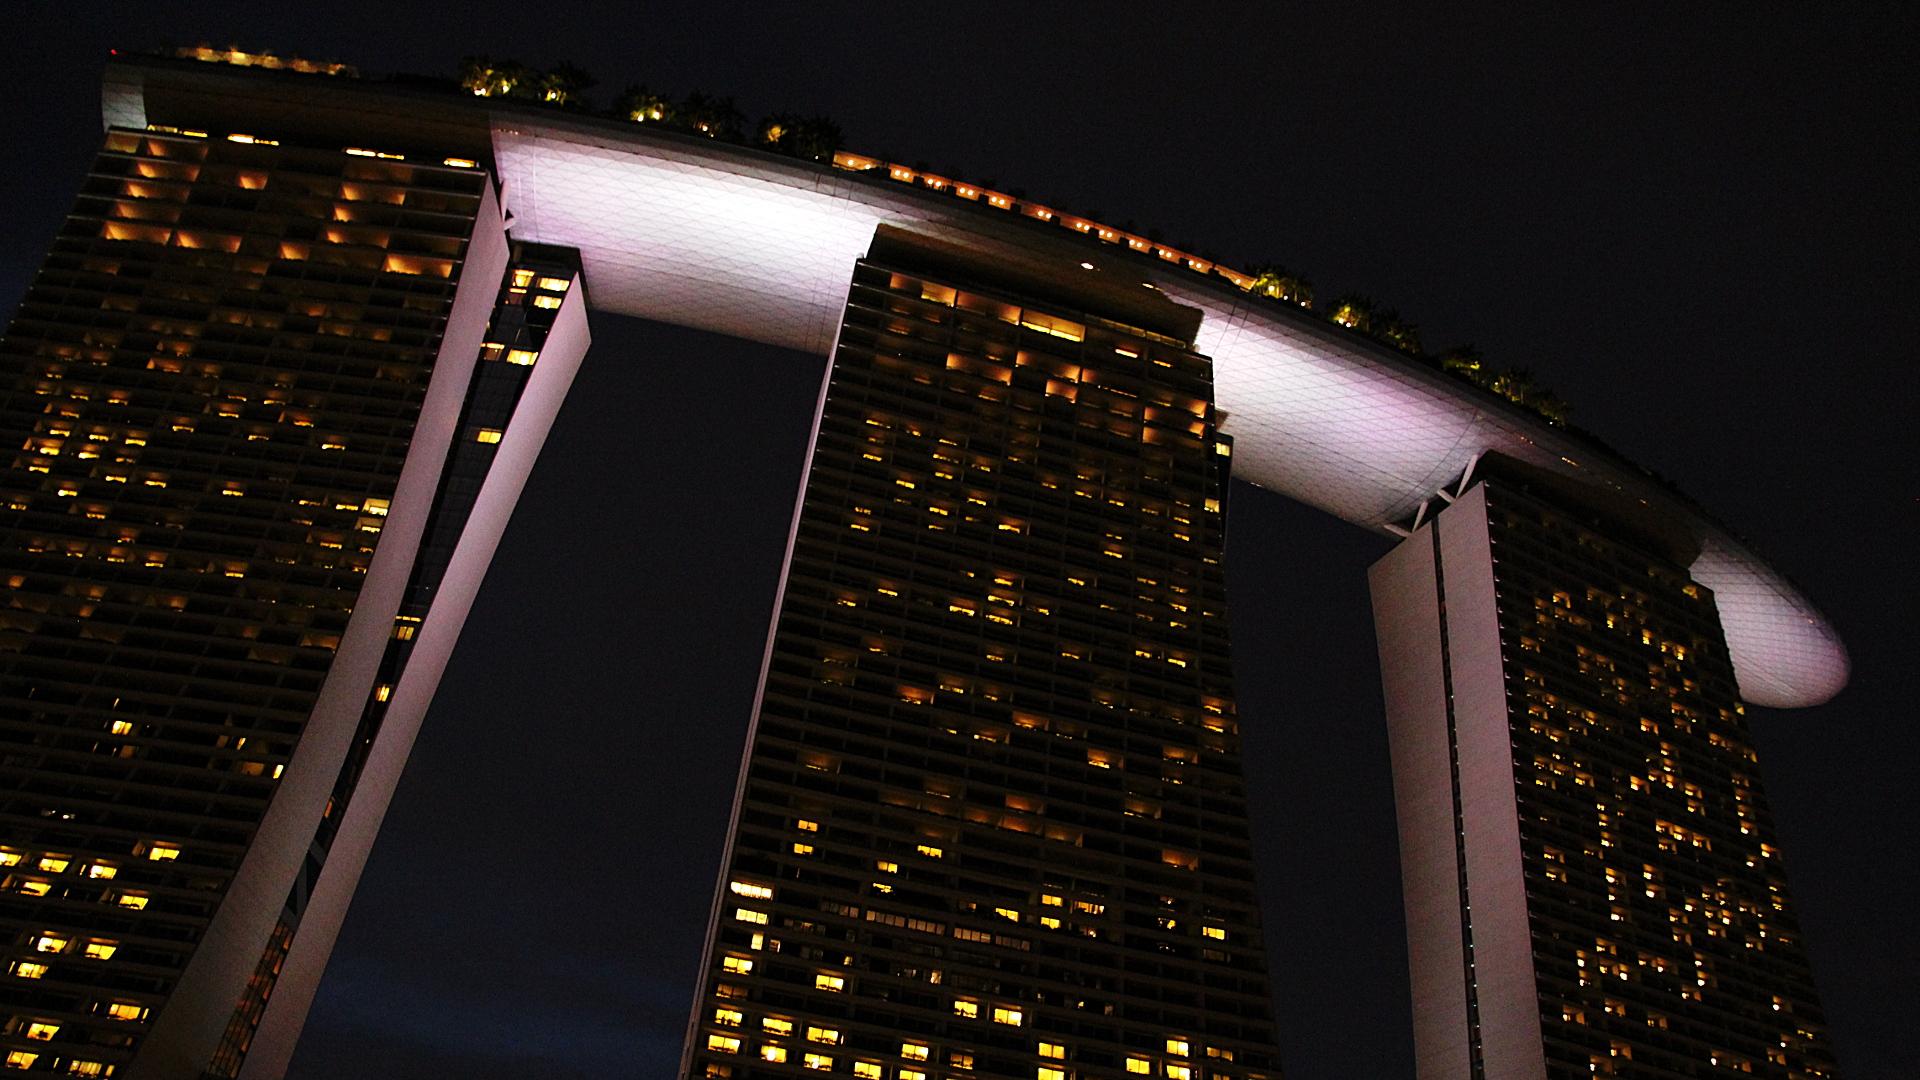 Marina Bay Sands desktop wallpaper – ojdo